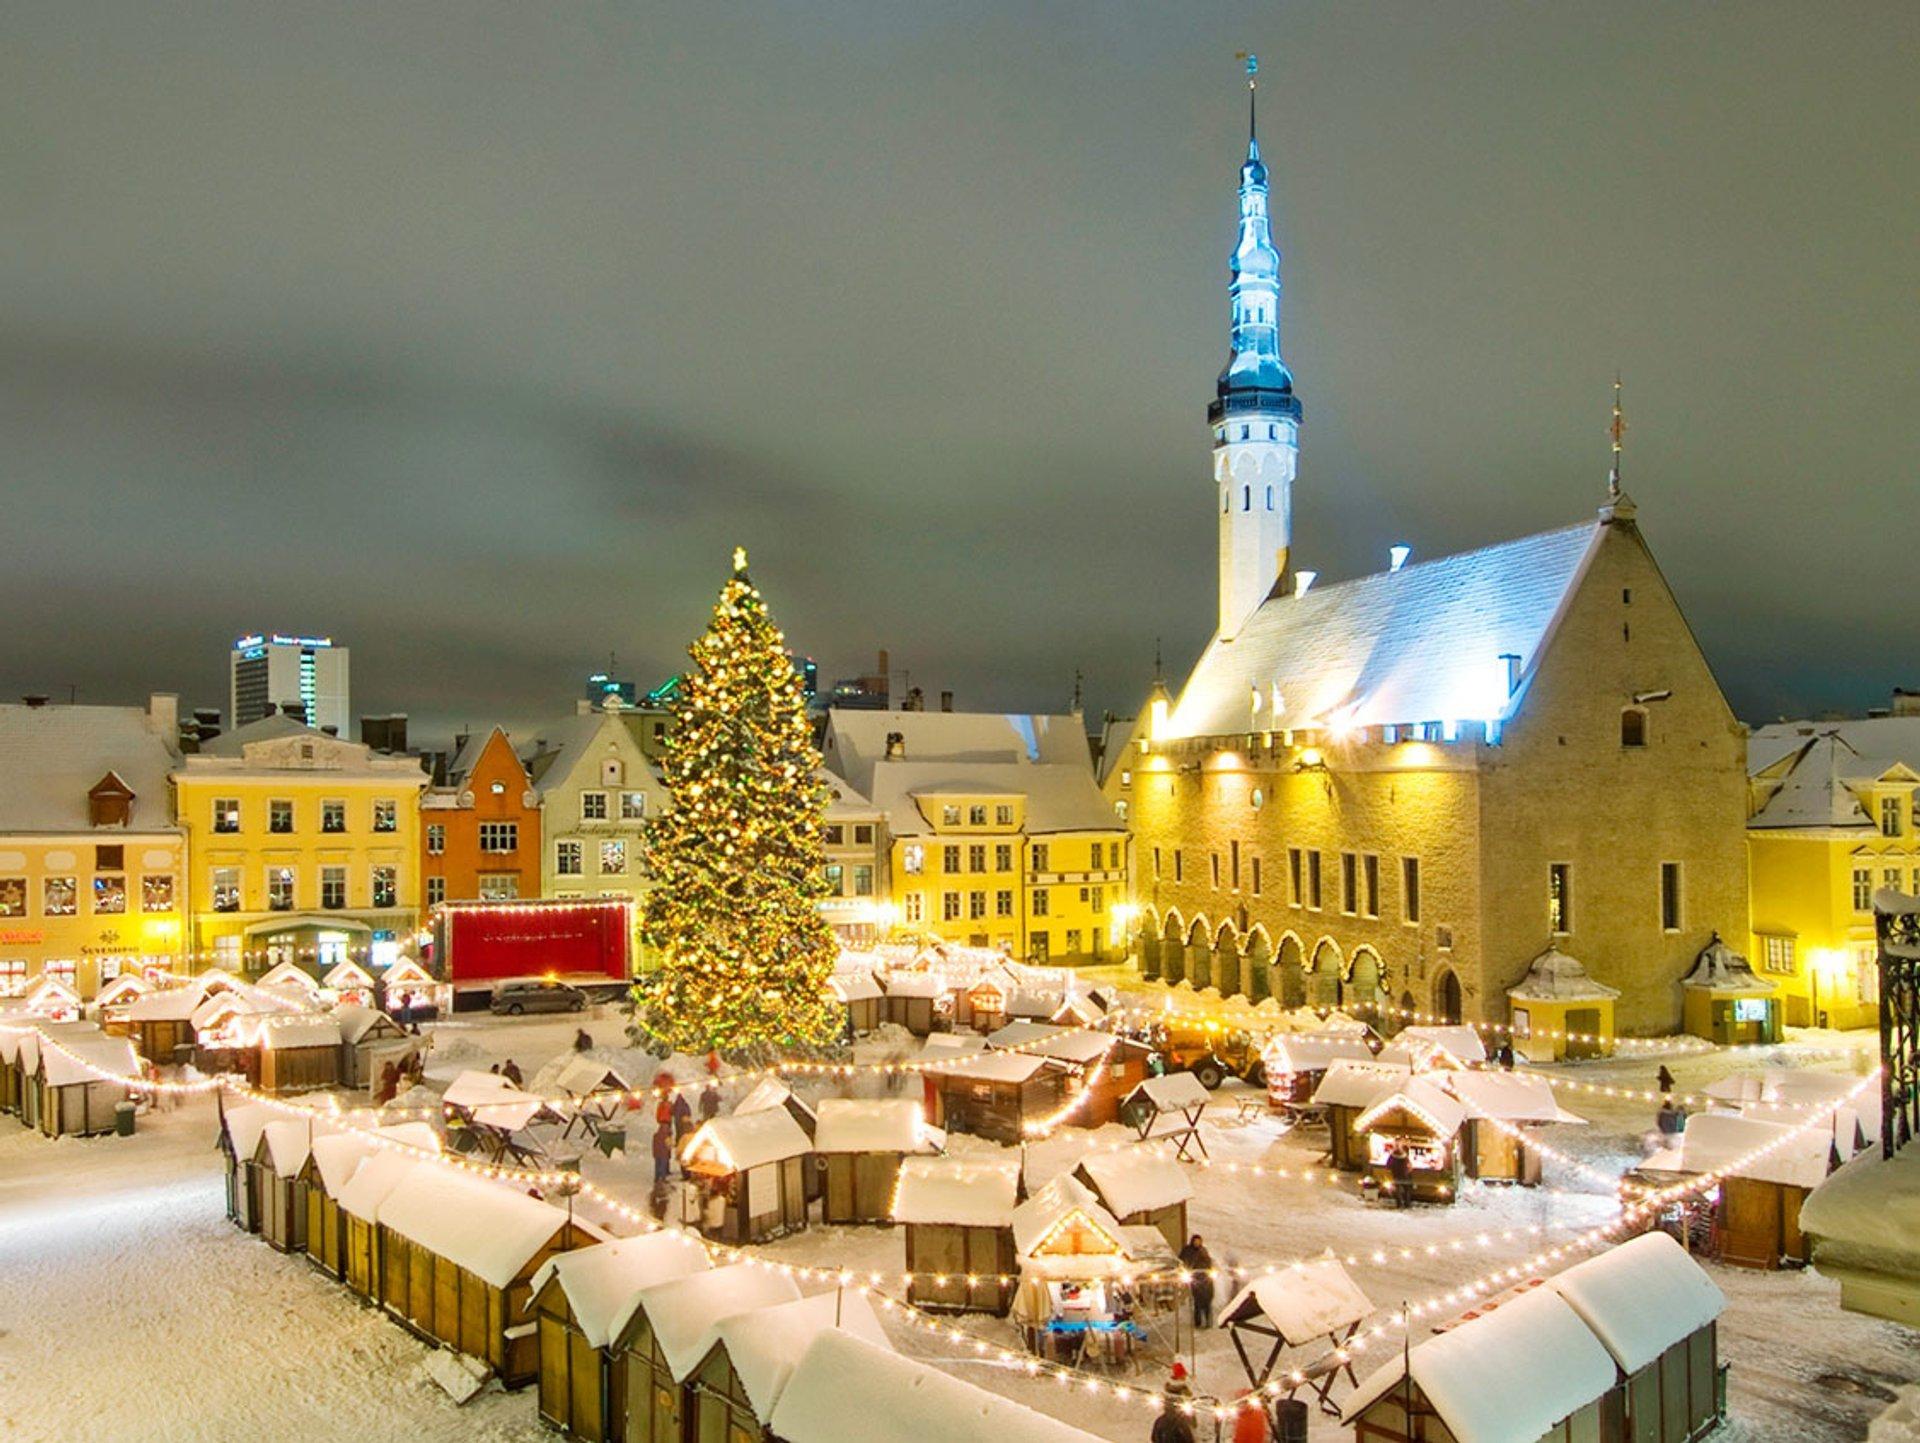 Christmas Market in Tallinn in Estonia 2019 - Best Time